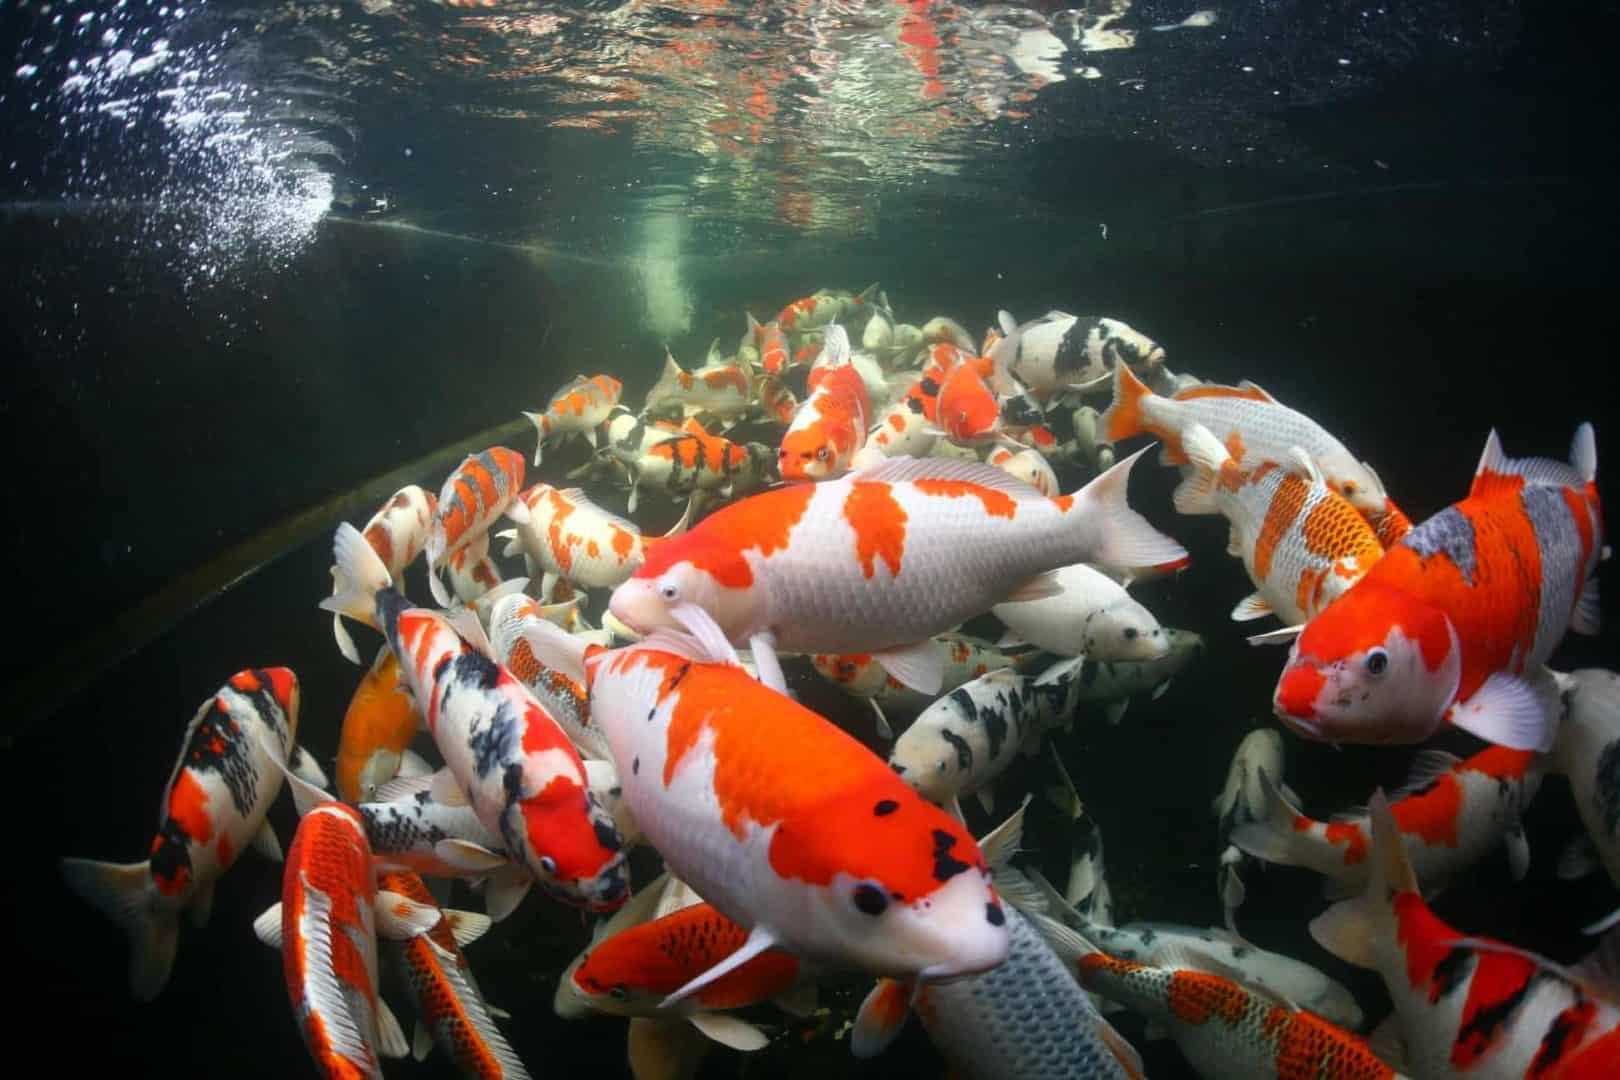 154 : Expeditionen zu den Biotopen der Aquarienfische Teil 2 (Heiko Blessin) 77